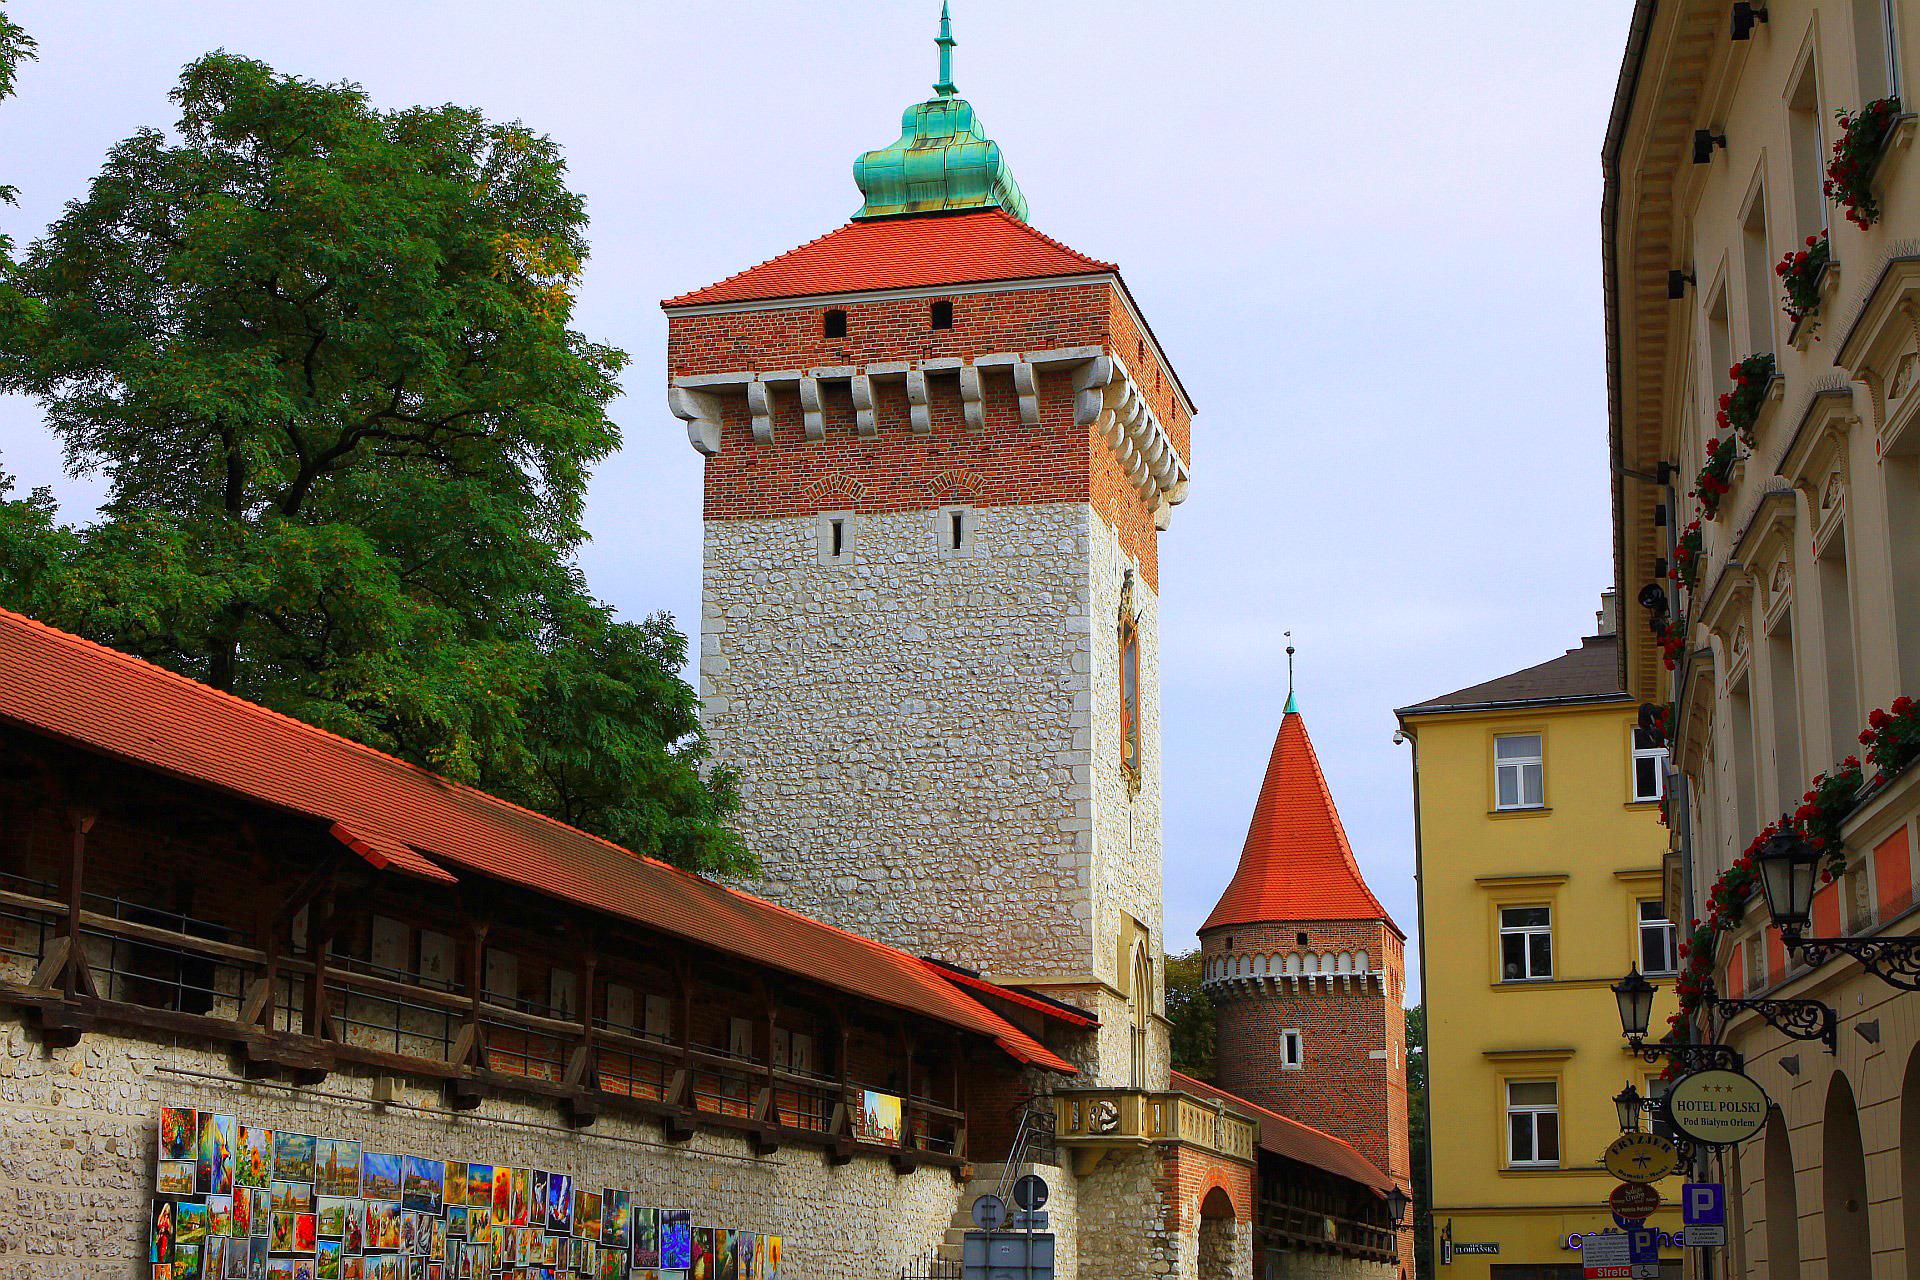 Qué ver en Cracovia, Krakow, Polonia, Poland qué ver en cracovia - 38652461990 ef13239e95 o - Qué ver en Cracovia, Polonia